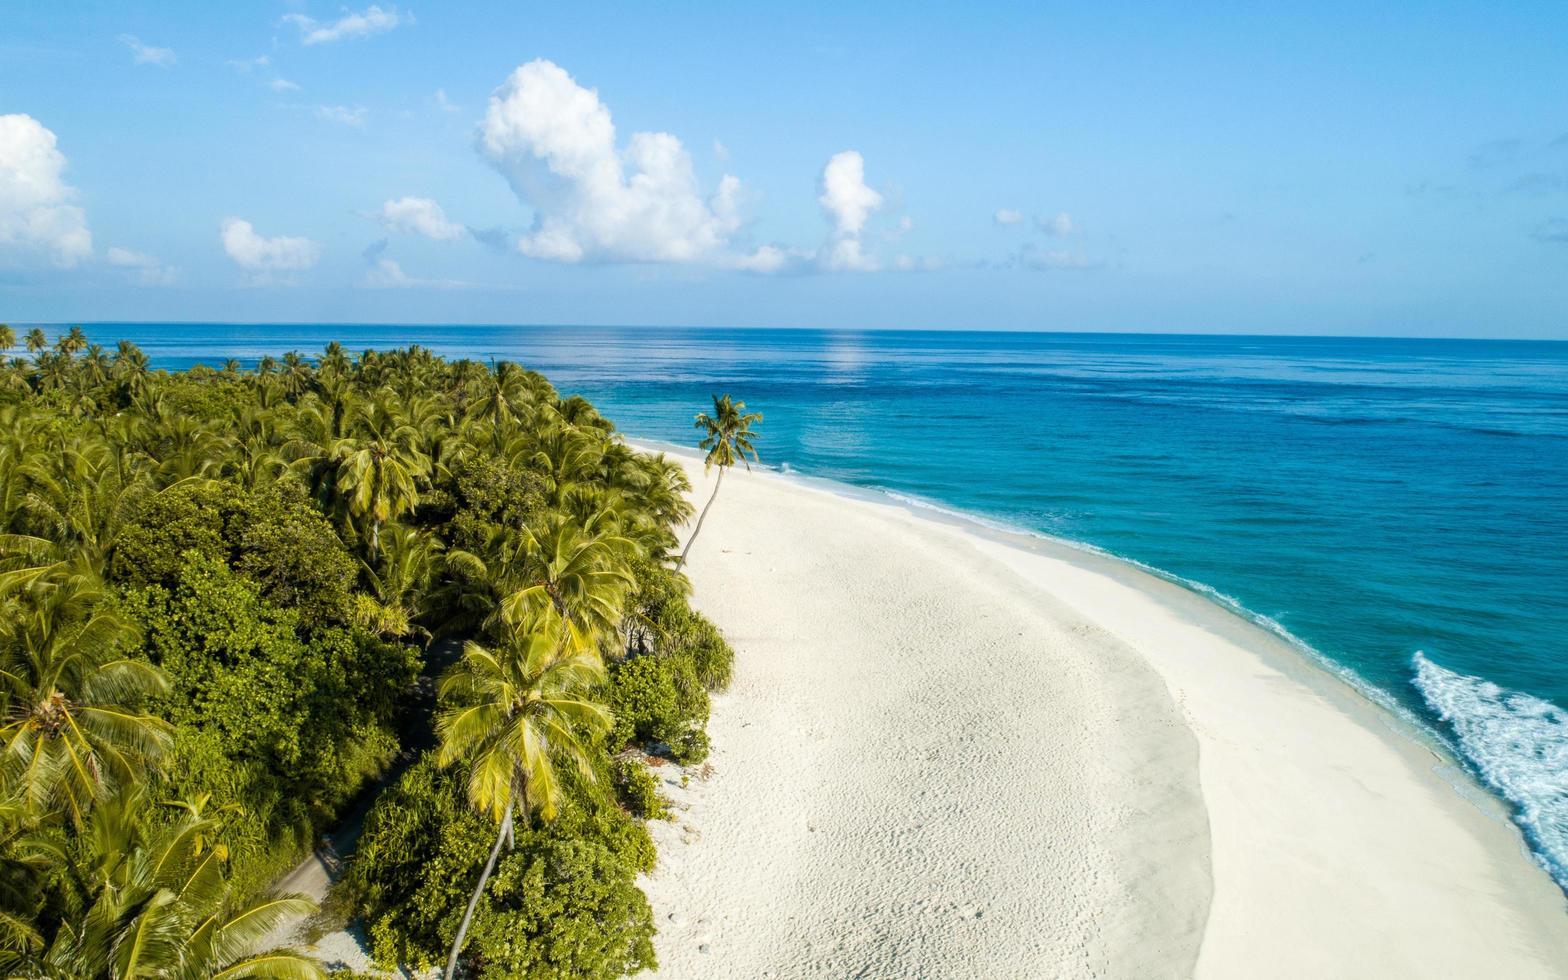 palmiers verts au bord de la mer photo